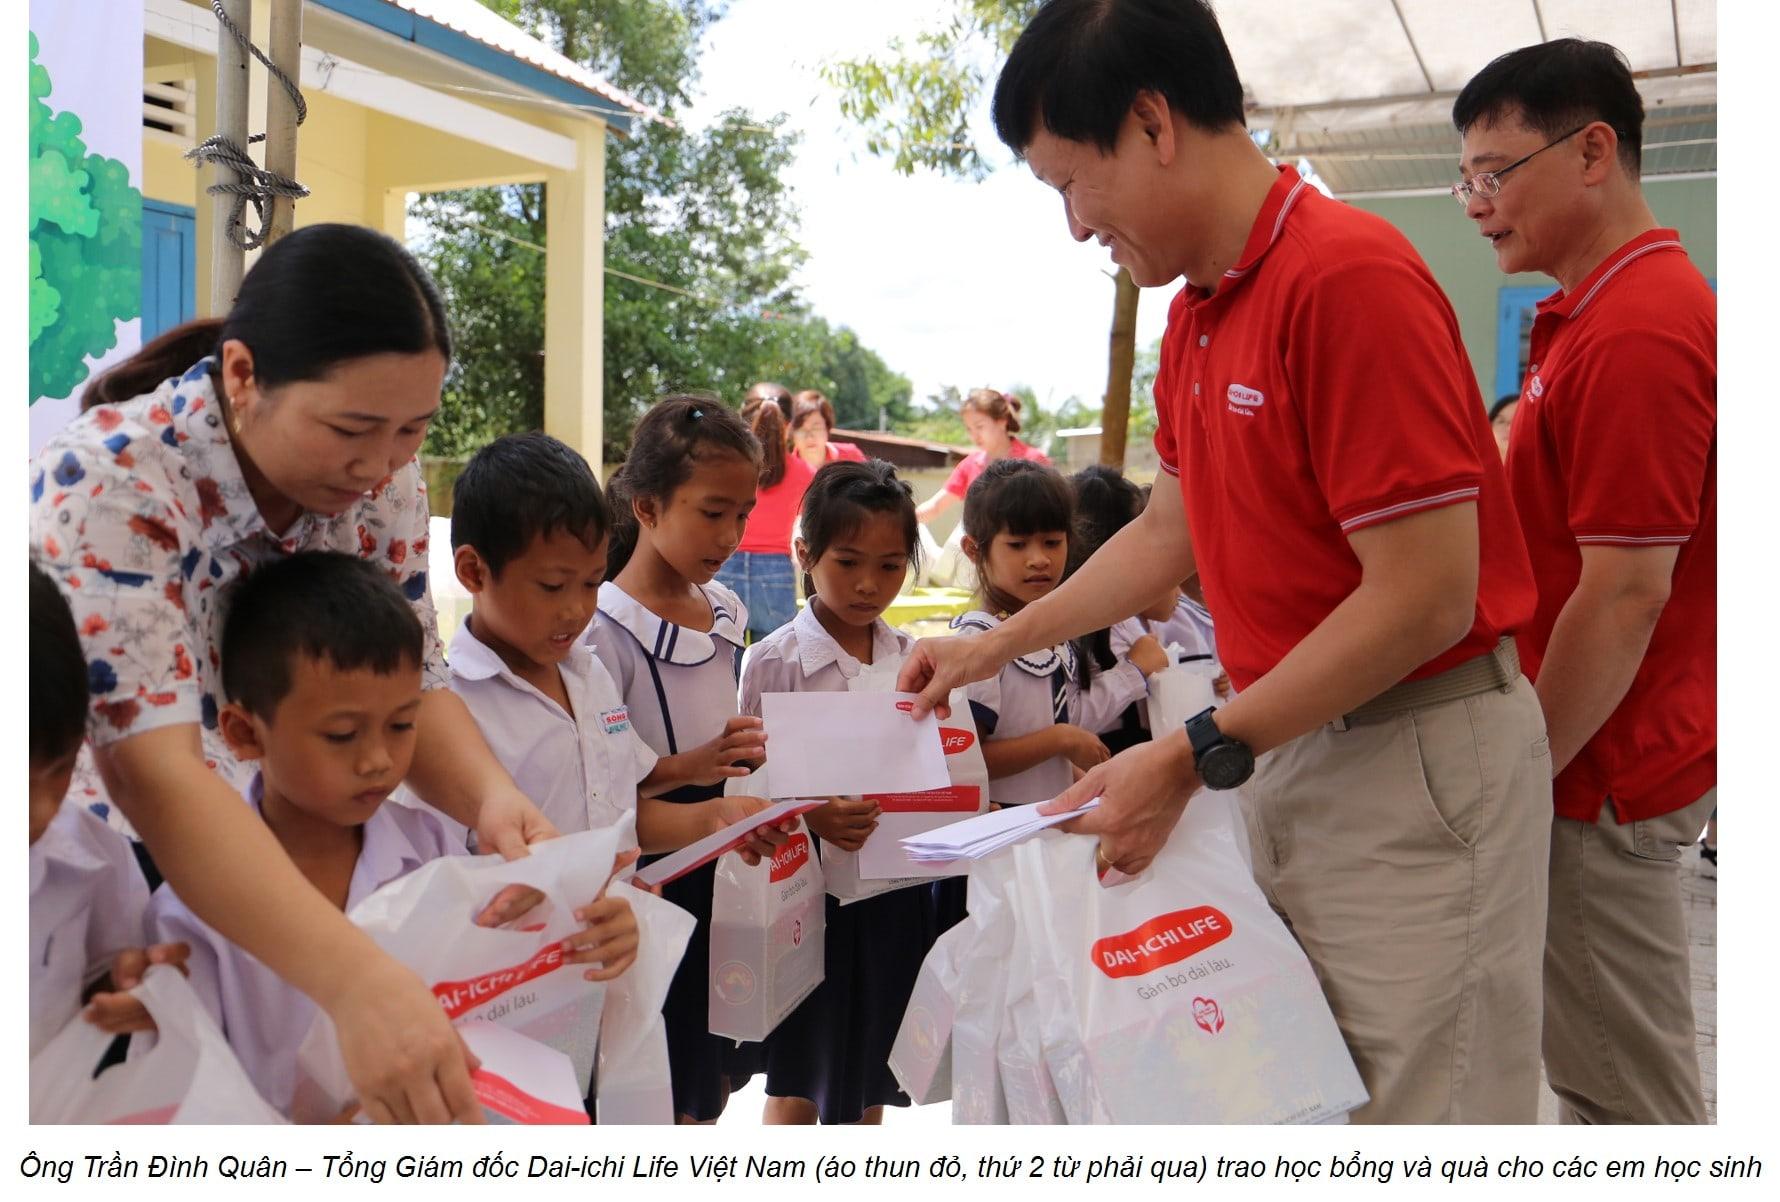 Công ty BHNT Dai-ichi Việt Nam mang Tết Trung Thu đến với trẻ em có hoàn cảnh khó khăn tỉnh Bình Thuận